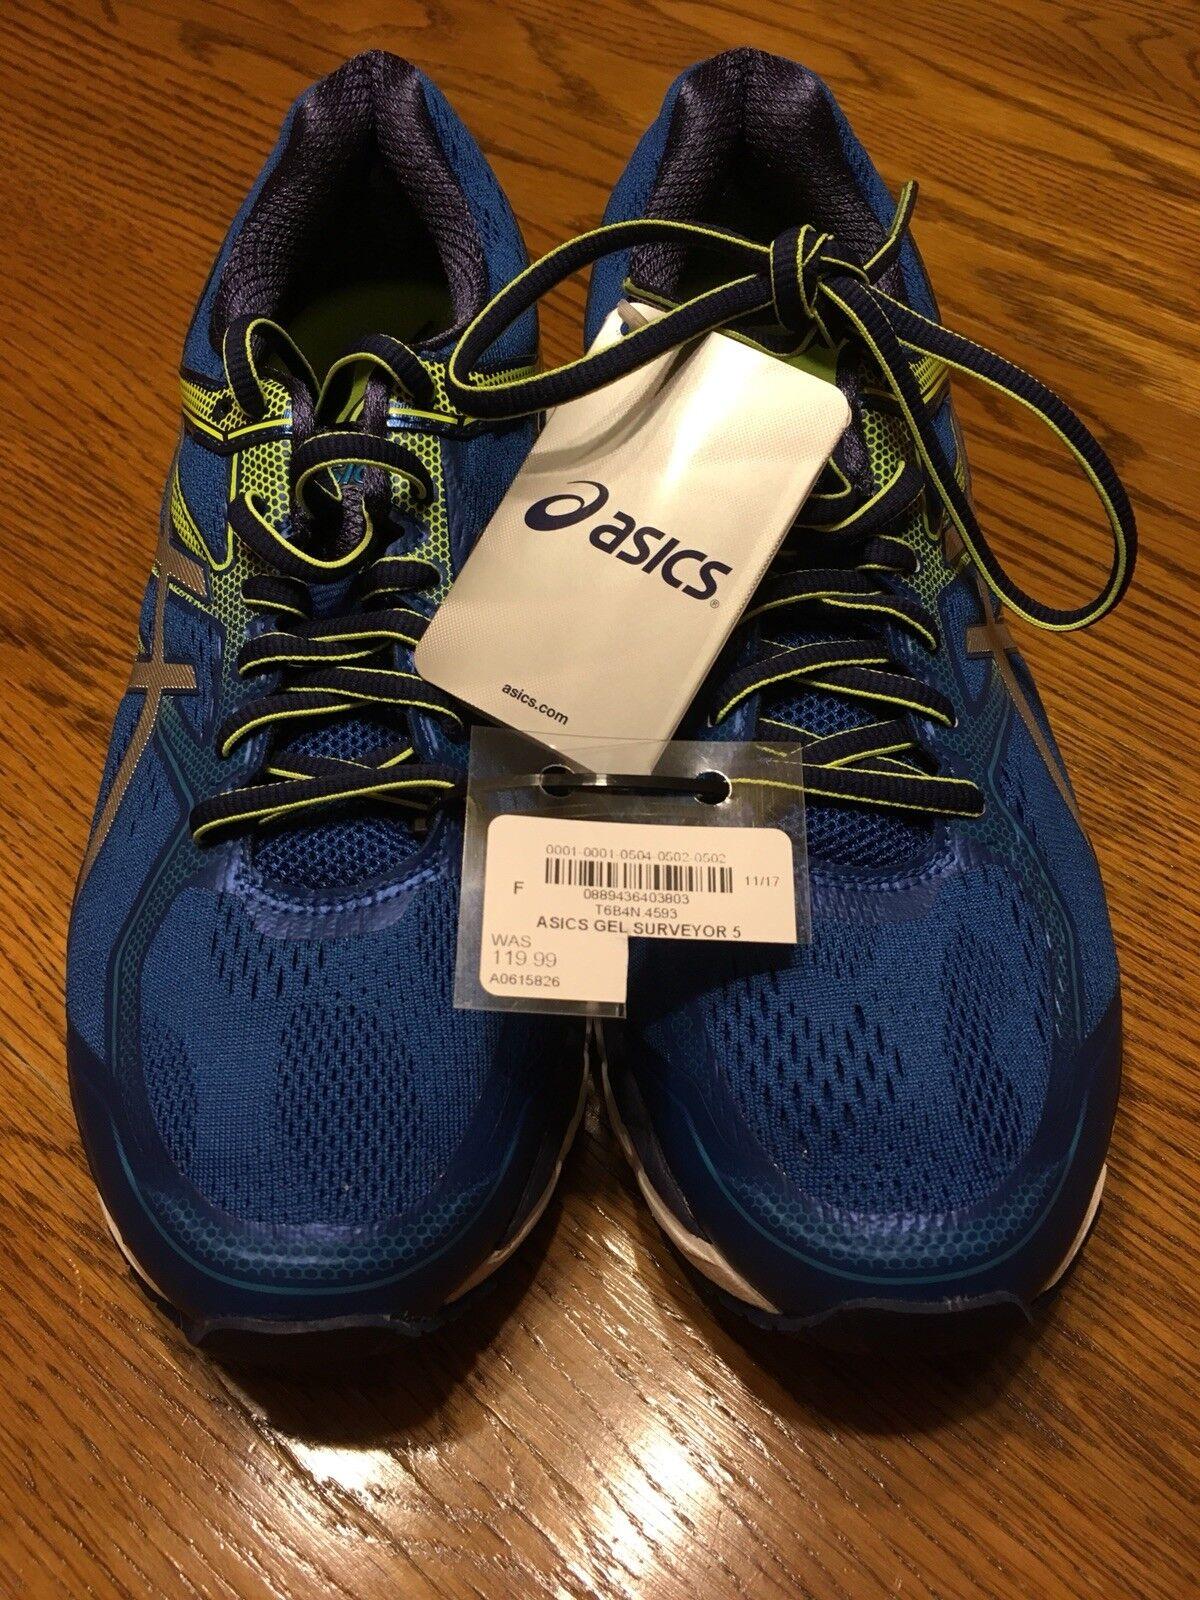 Mens Asics Size Gel Surveyor 5 Mens Size Asics 7.5 New Without Box running shoes eba8bc